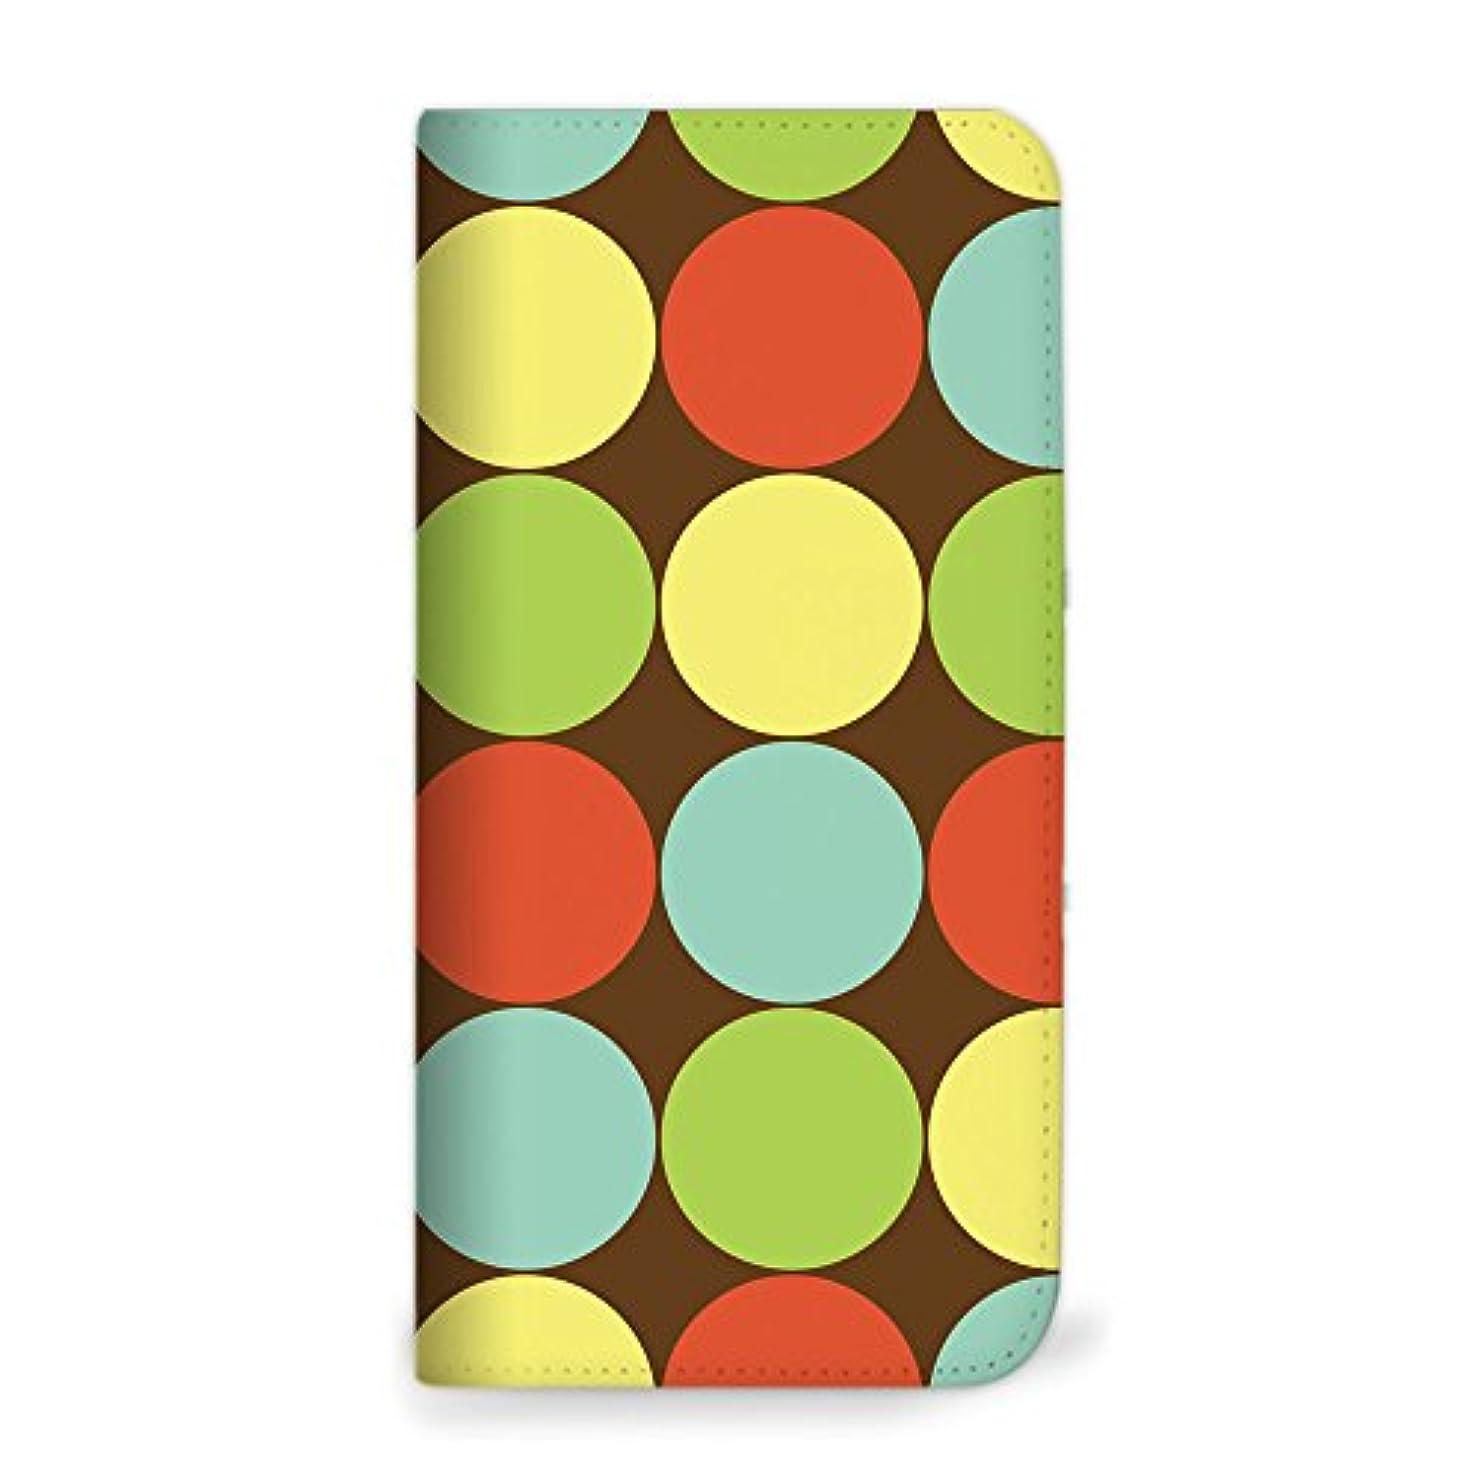 瞳地下鉄こんにちはmitas iPhone X ケース 手帳型 ベルトなし ポルカドット柄 ブラウン (352) NB-0073-BR/iPhoneX